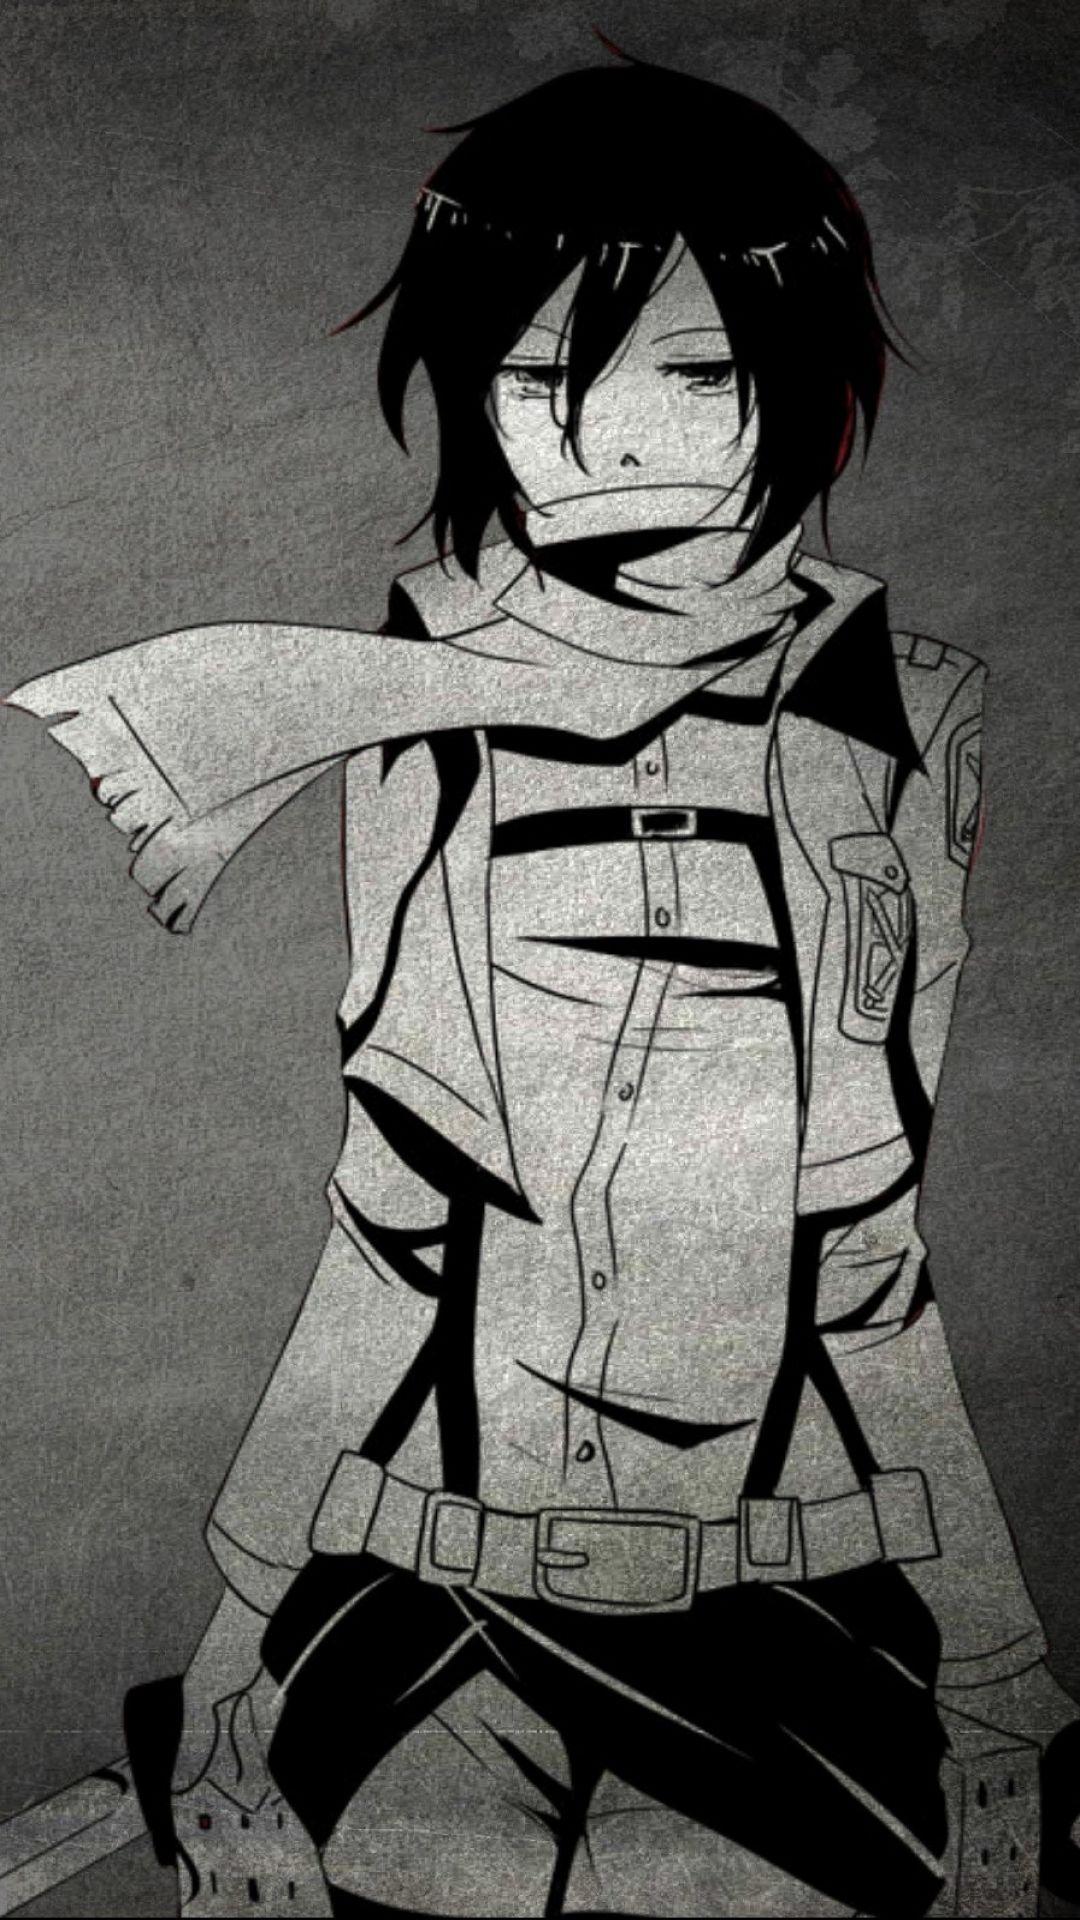 Hd Wallpaper 31 Animasi Gambar Gambar Karakter 31 anime hd wallpaper